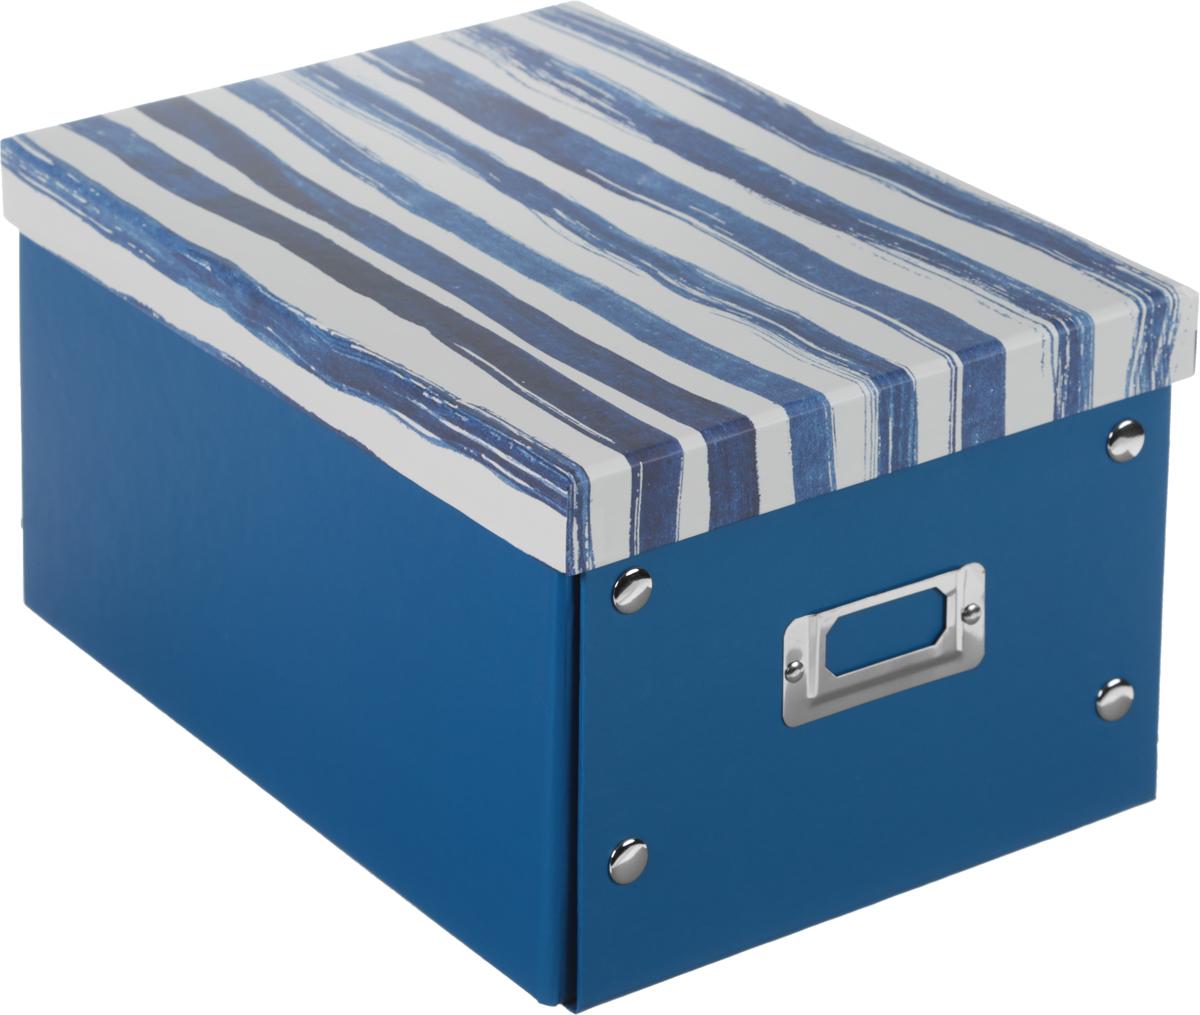 Коробка для хранения, складная, цвет: синий, белый, 21 х 25,5 х 3RG-D31SКоробкадля хранения изготовлена из высококачественного плотного картонаи оформлена оригинальным принтом. Она предназначена для хранения различных мелочей. Изделие легко собирается с помощью металлических креплений и не занимает много места. Такая коробка для хранения идеальное решение для аккуратного хранения различных ниток, канцелярских товаров.Размер коробки (в собранном виде): 21 х 25,5 х 3 см.